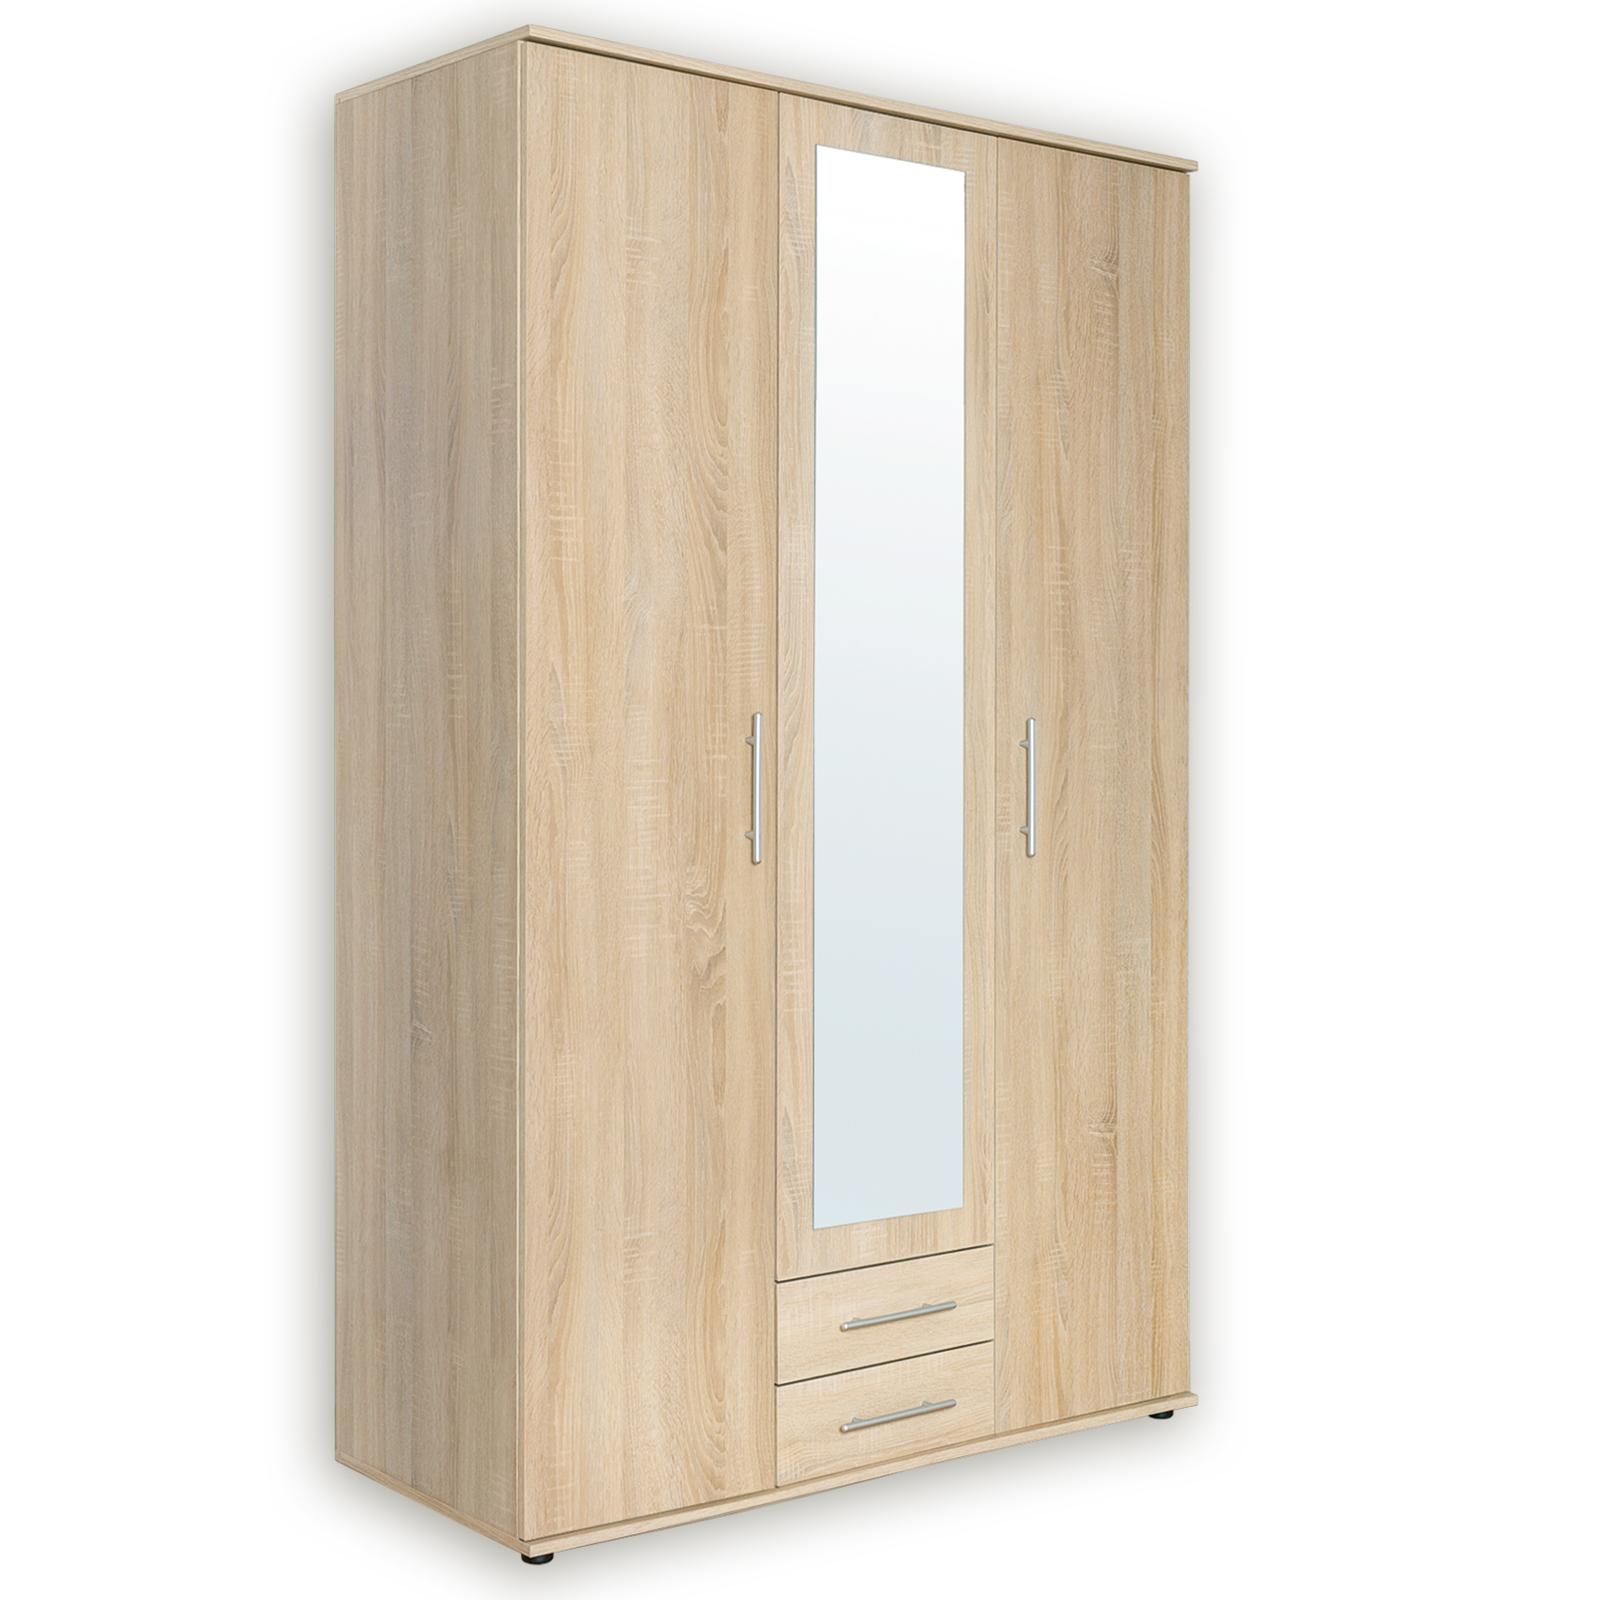 Kleiderschrank Sonoma Eiche Eckiger Spiegel 120 Cm Online